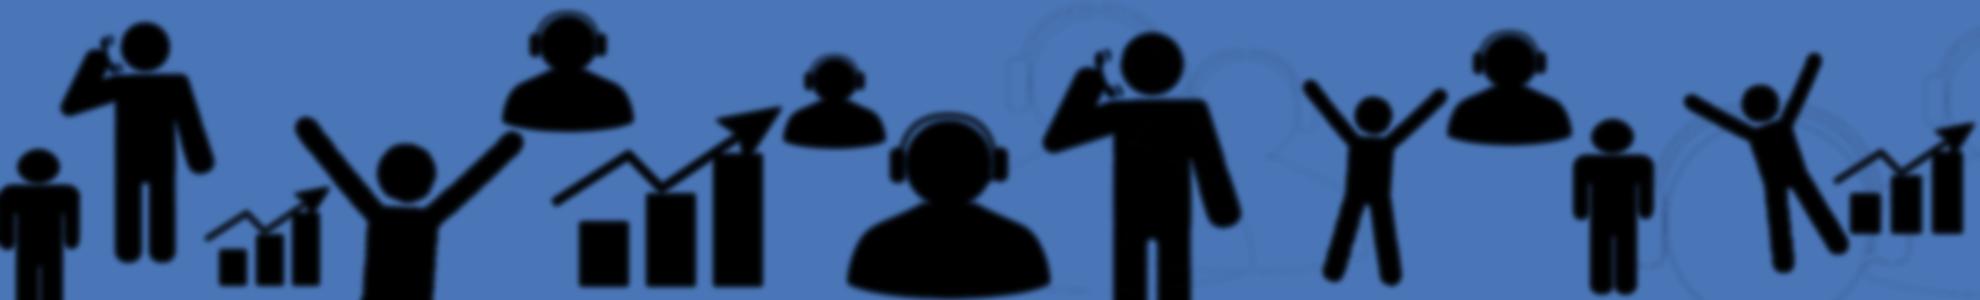 Mediesalg | Outsource mediesalget BtB, BtC, Online, Print